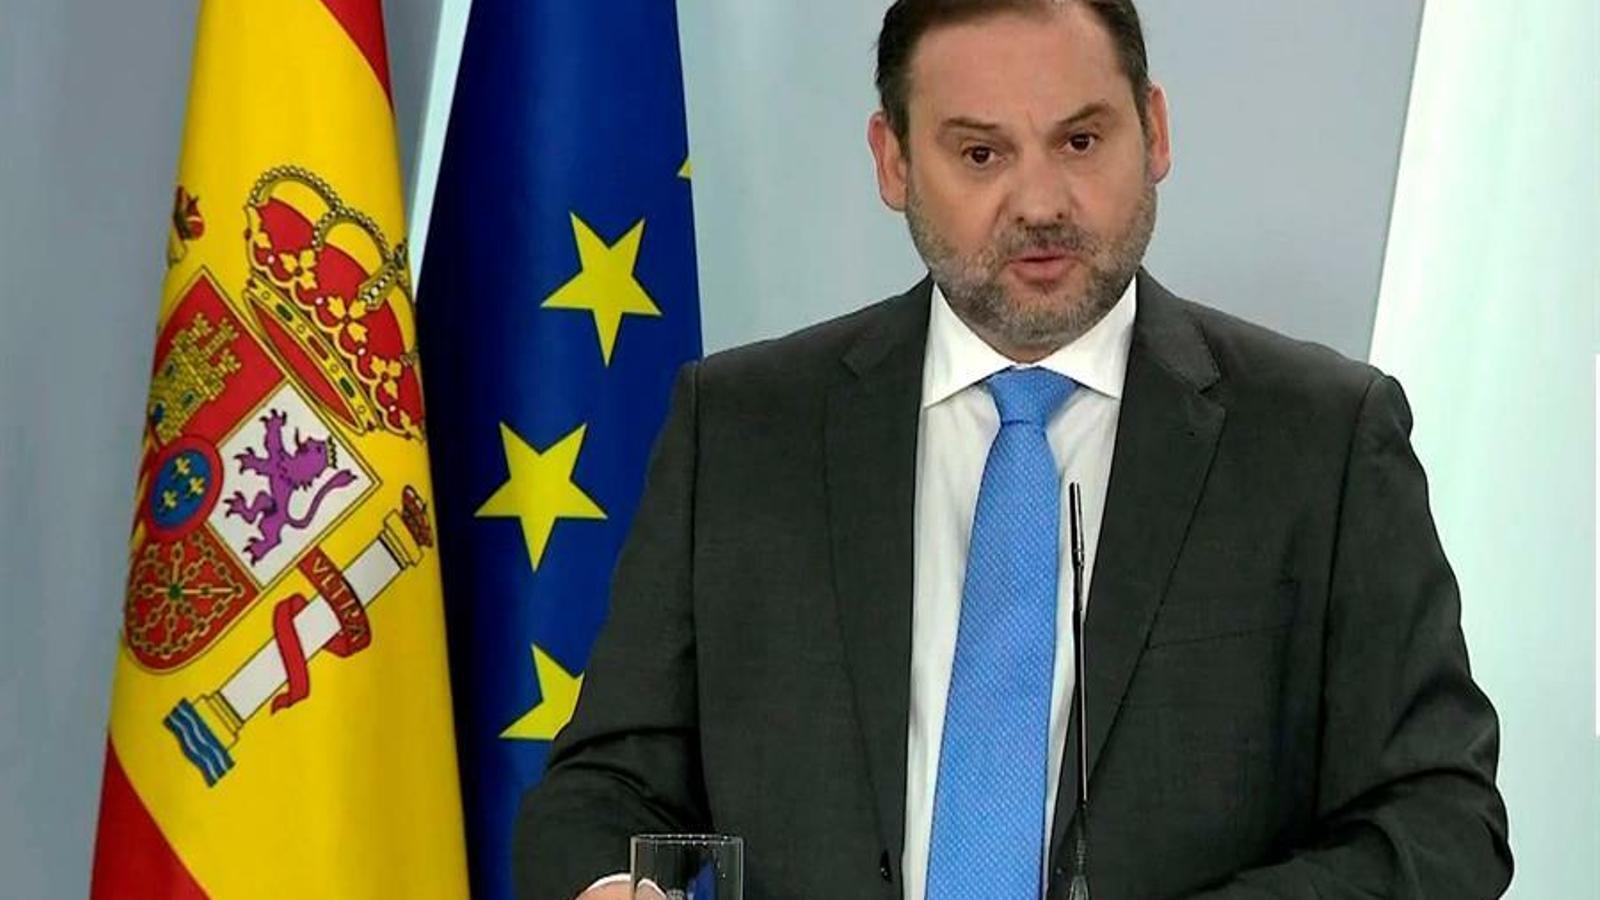 El ministre de Transports, Mobilitat i Agenda Urbana, José Luis Ábalos, en una compareixença